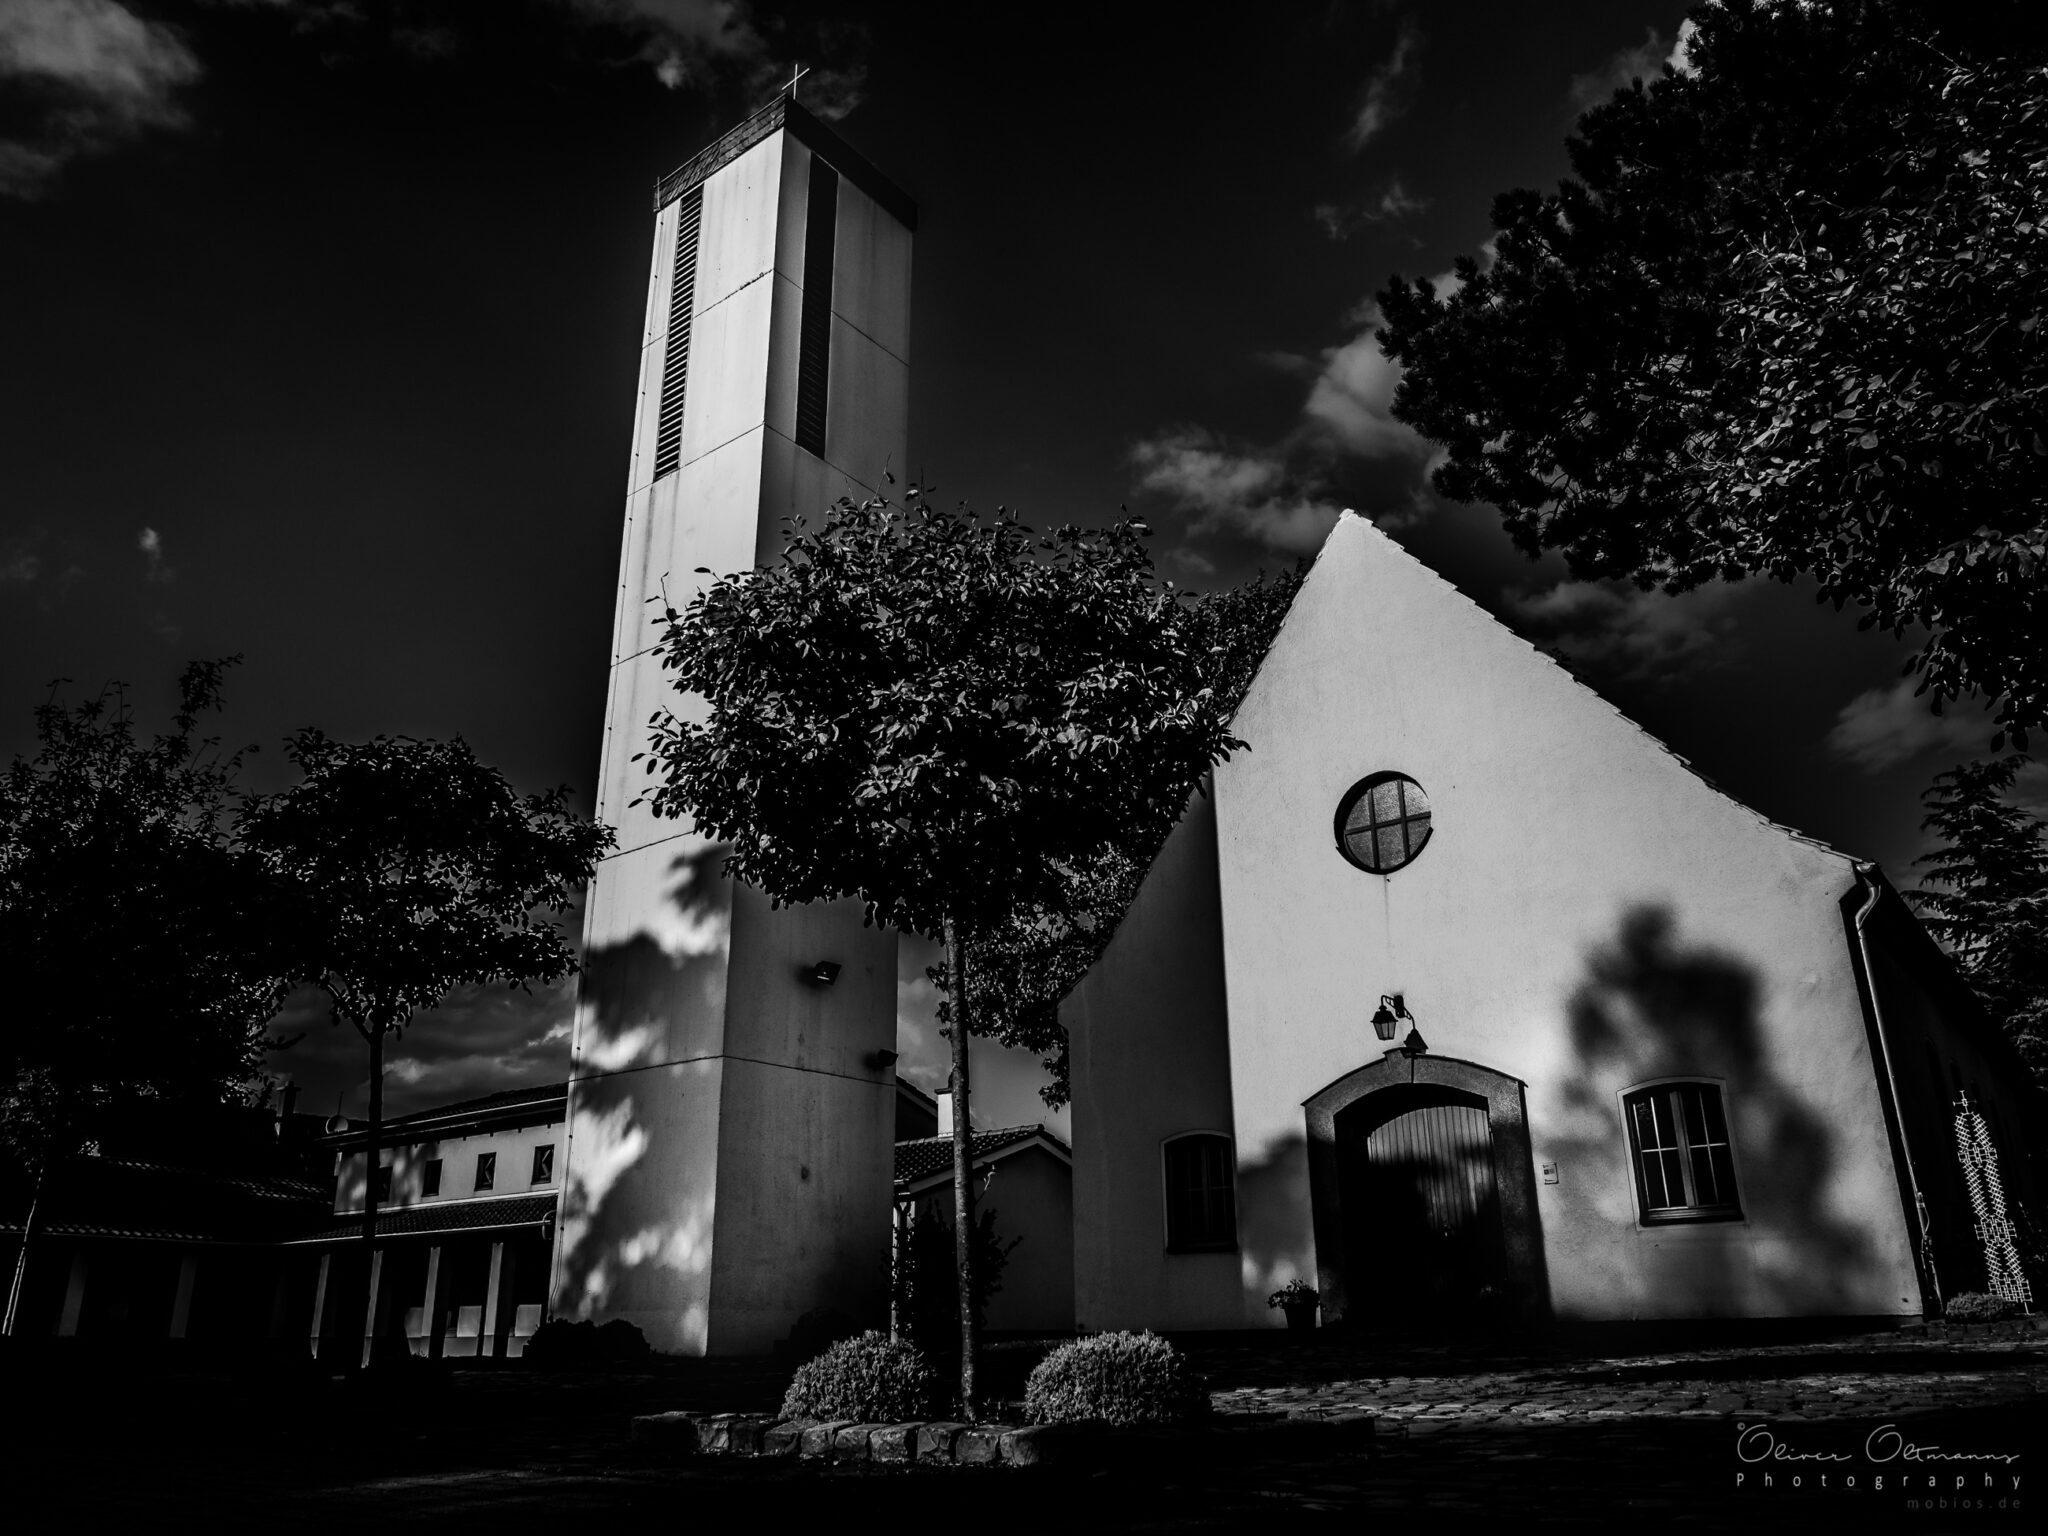 Evangelische Kirche, Buir